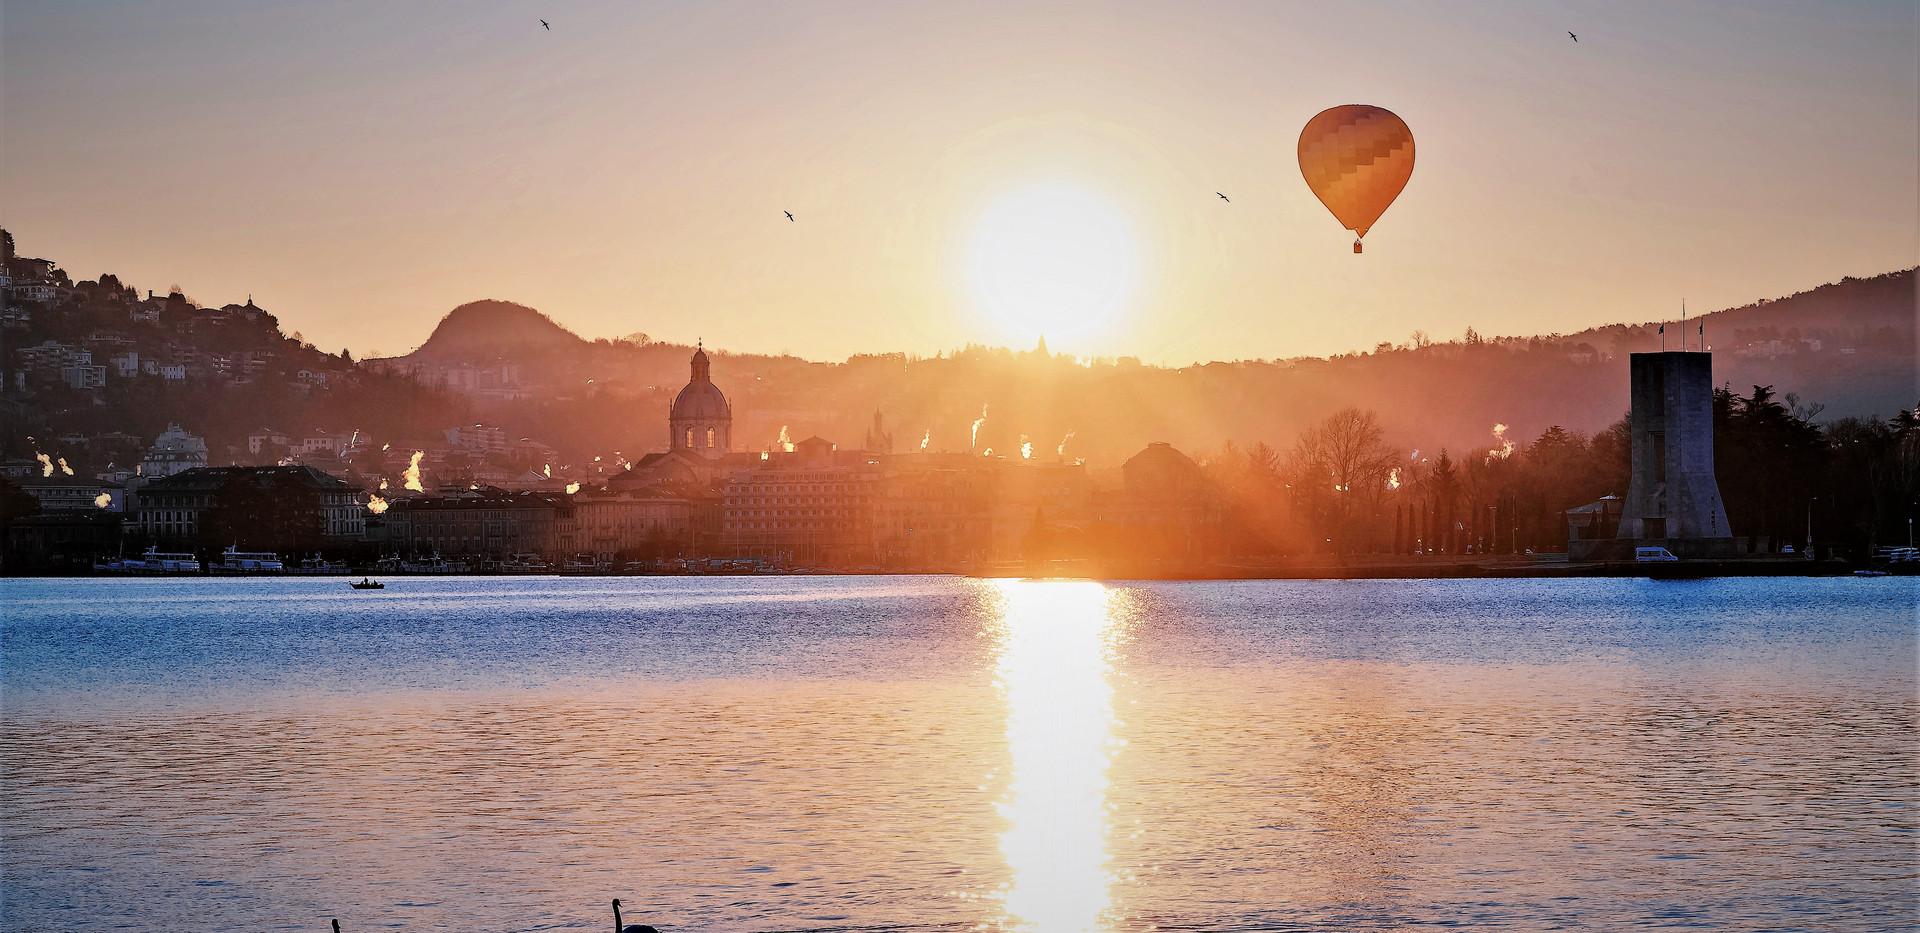 baloon on lake como.jpg